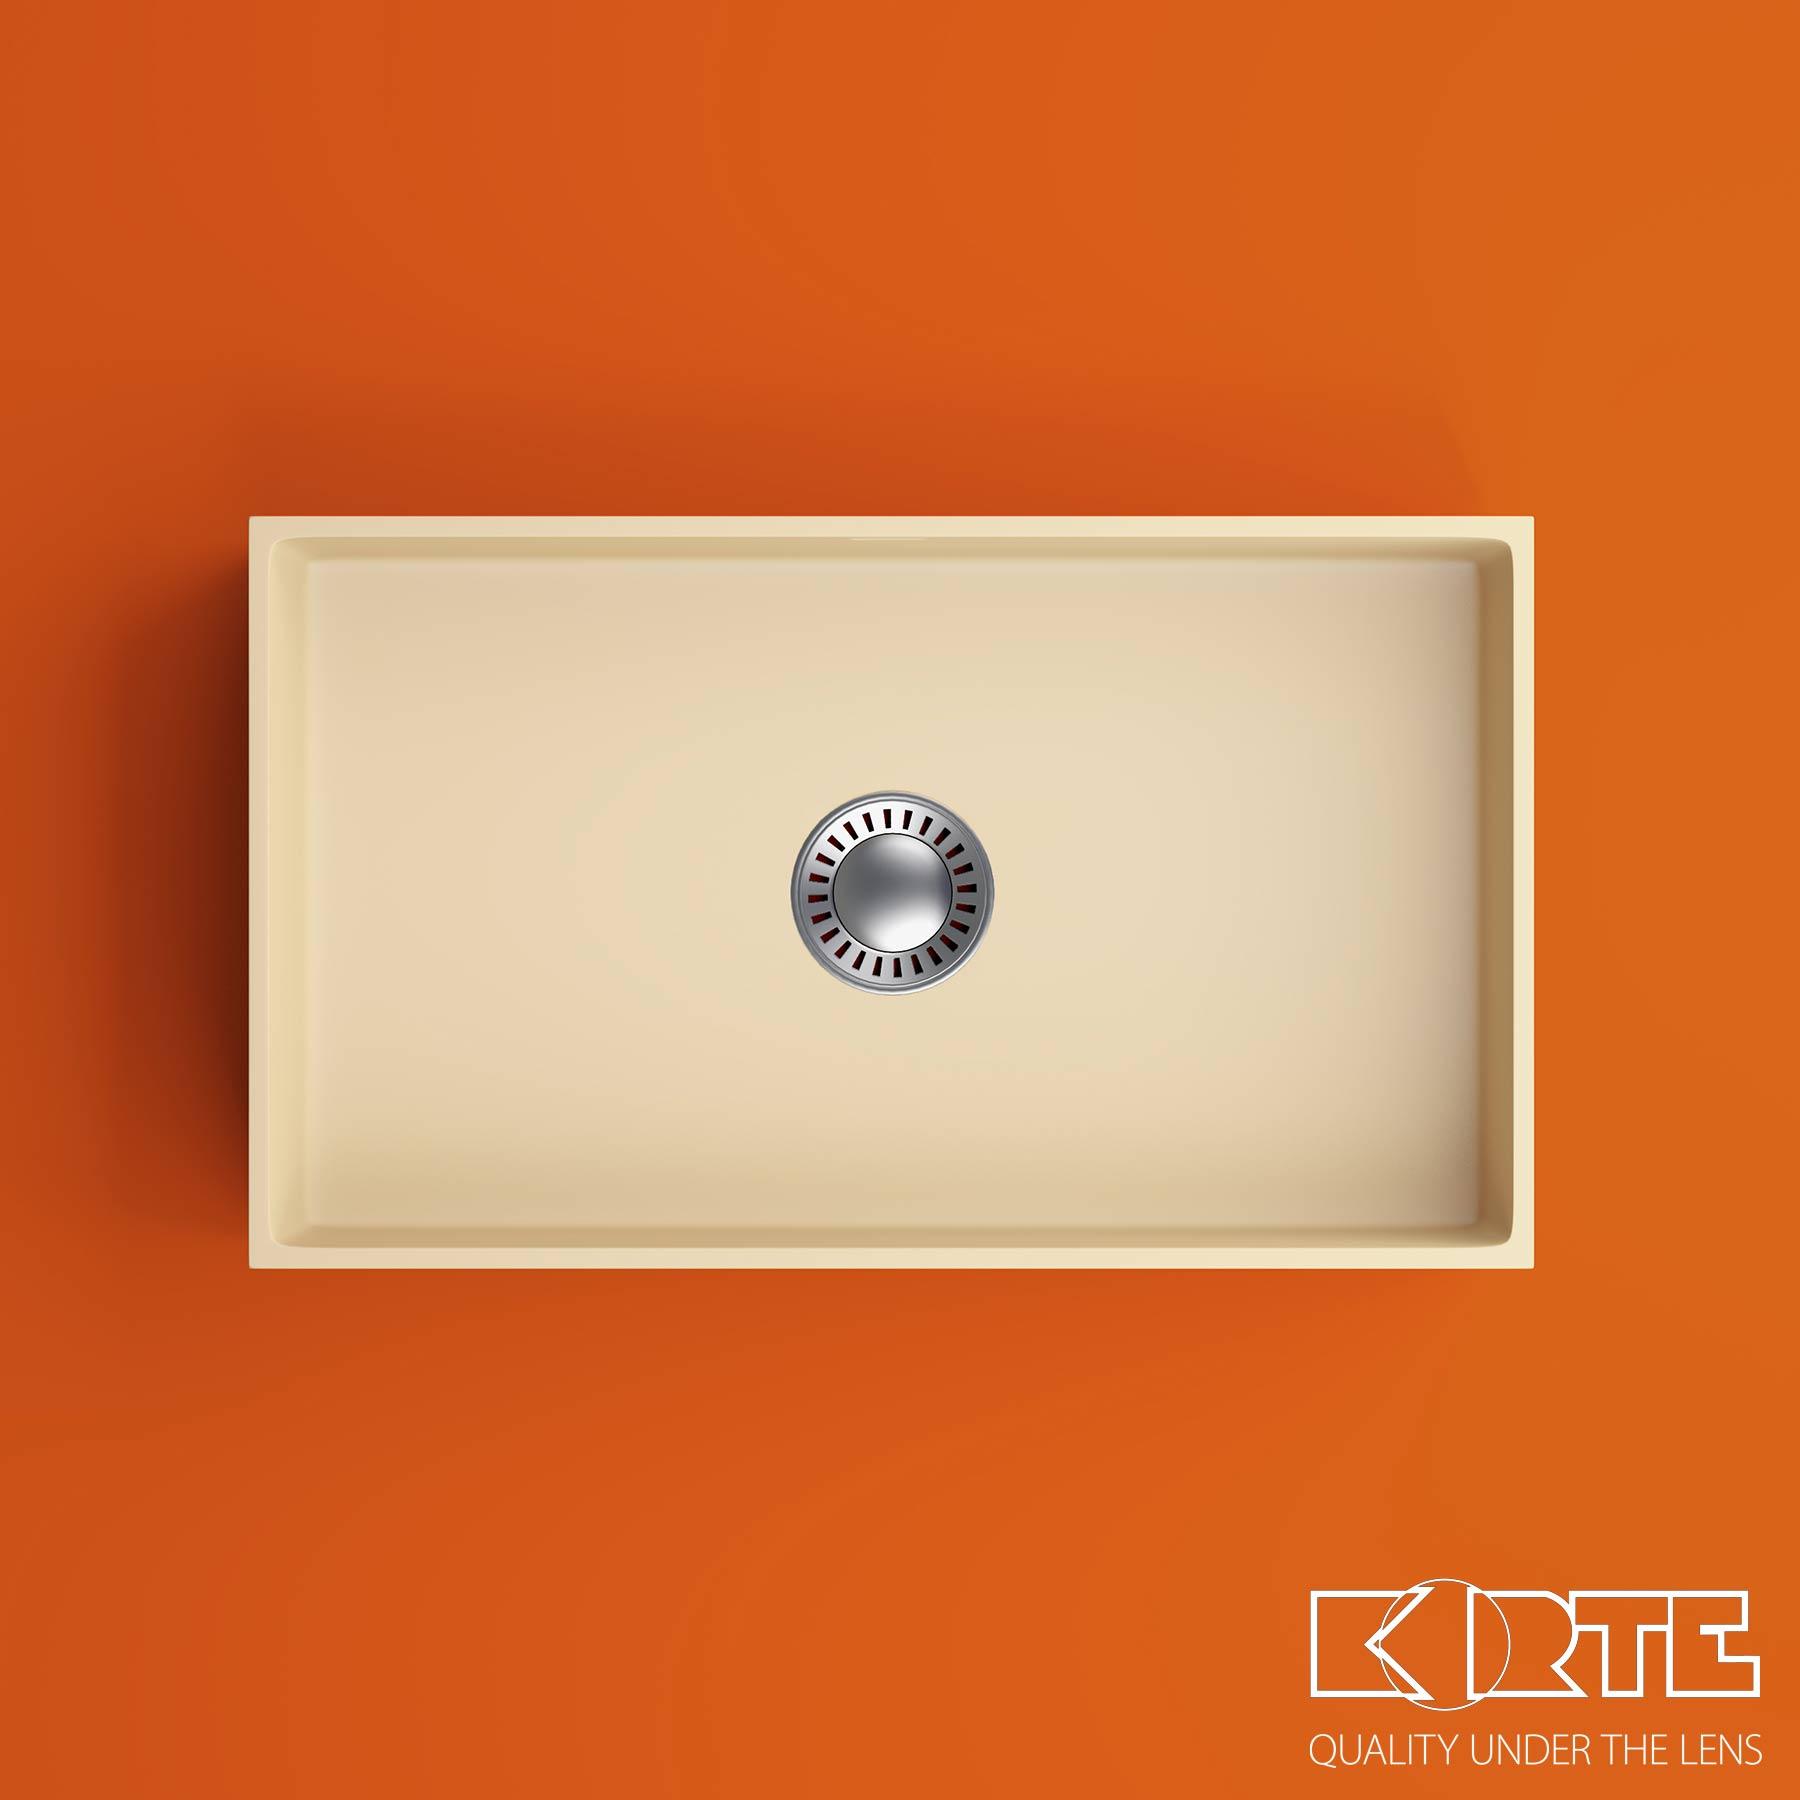 K series kitchen sink K700